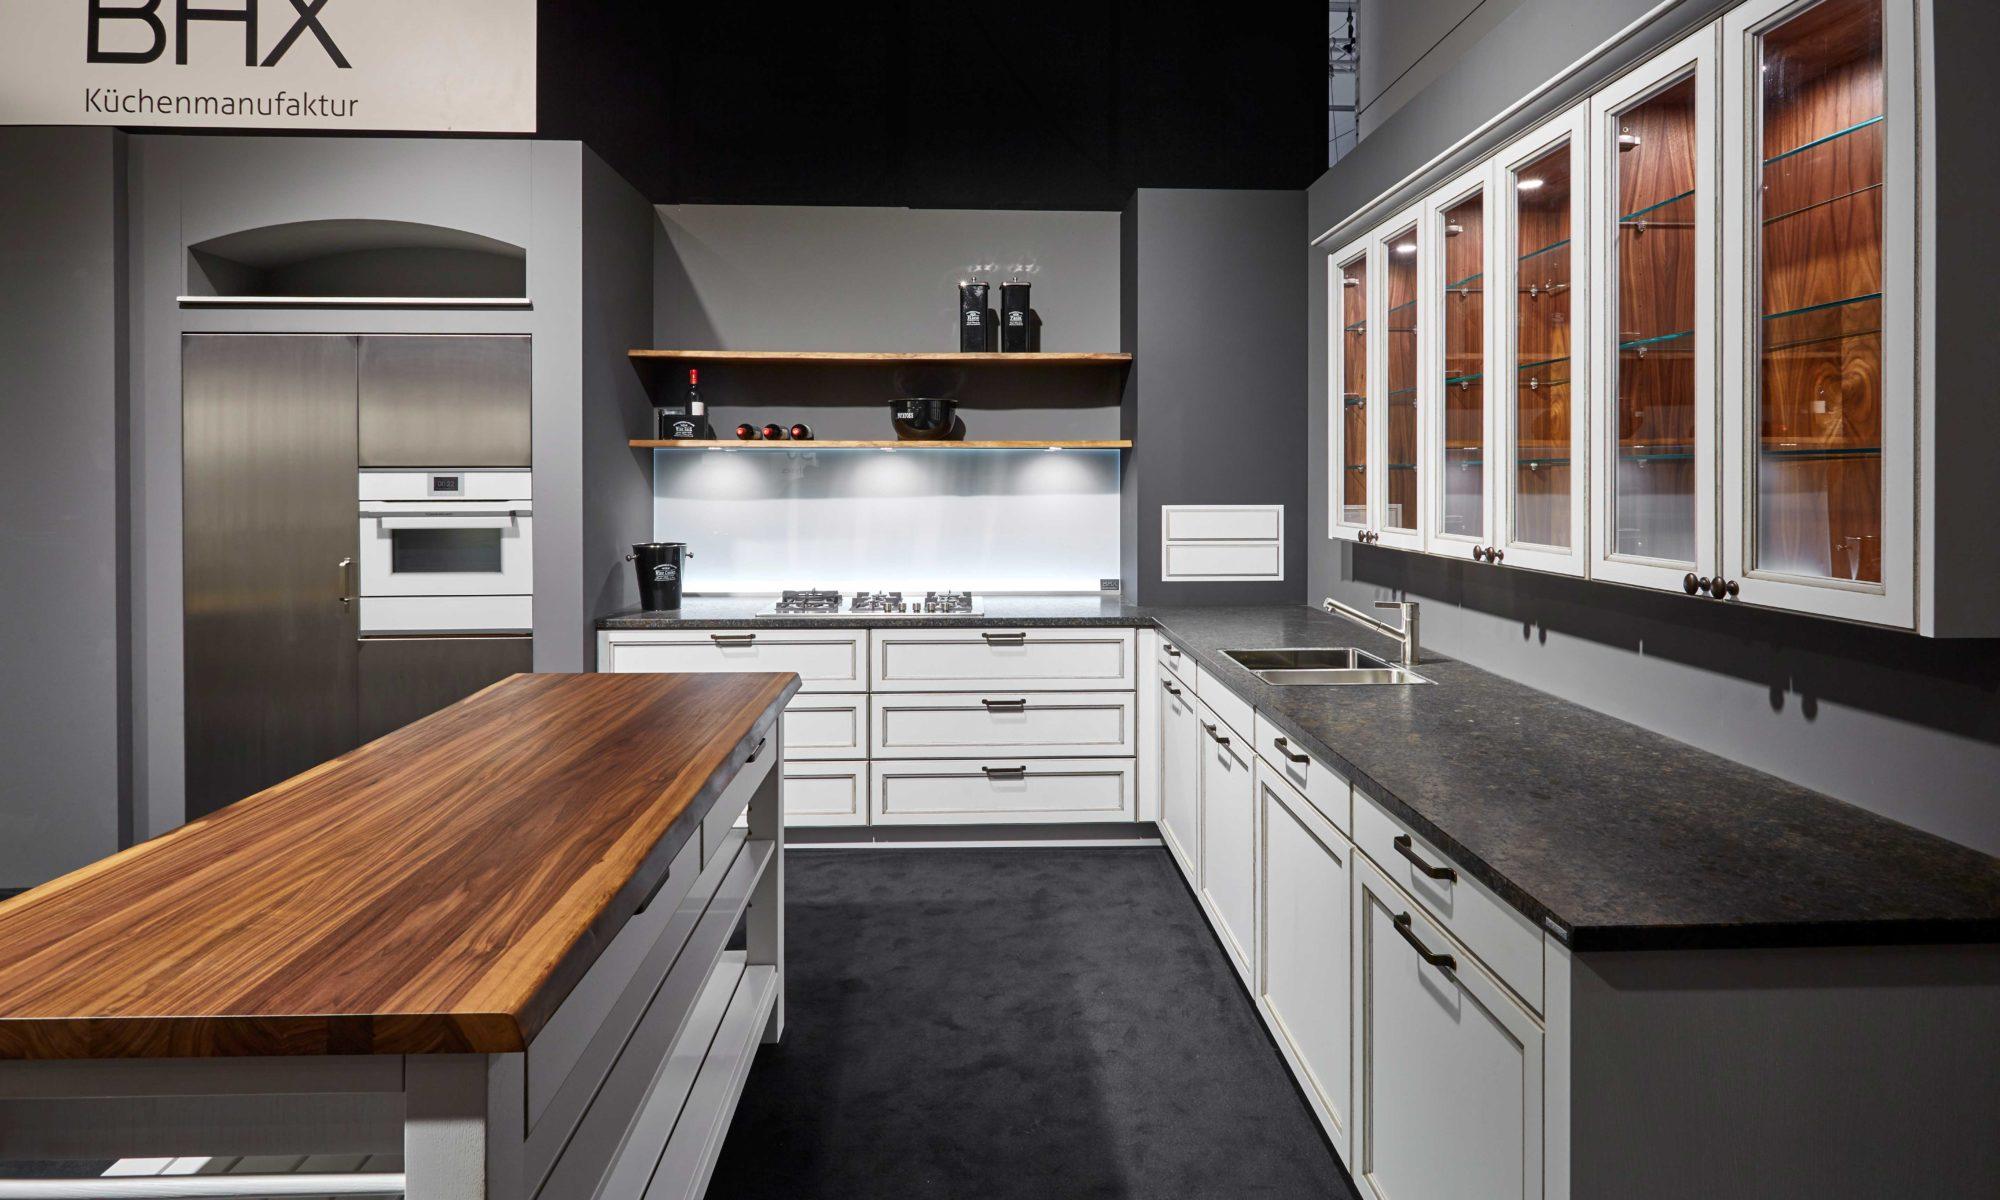 BAX, Küche, traditionell, Design, weiß, Nussbaum